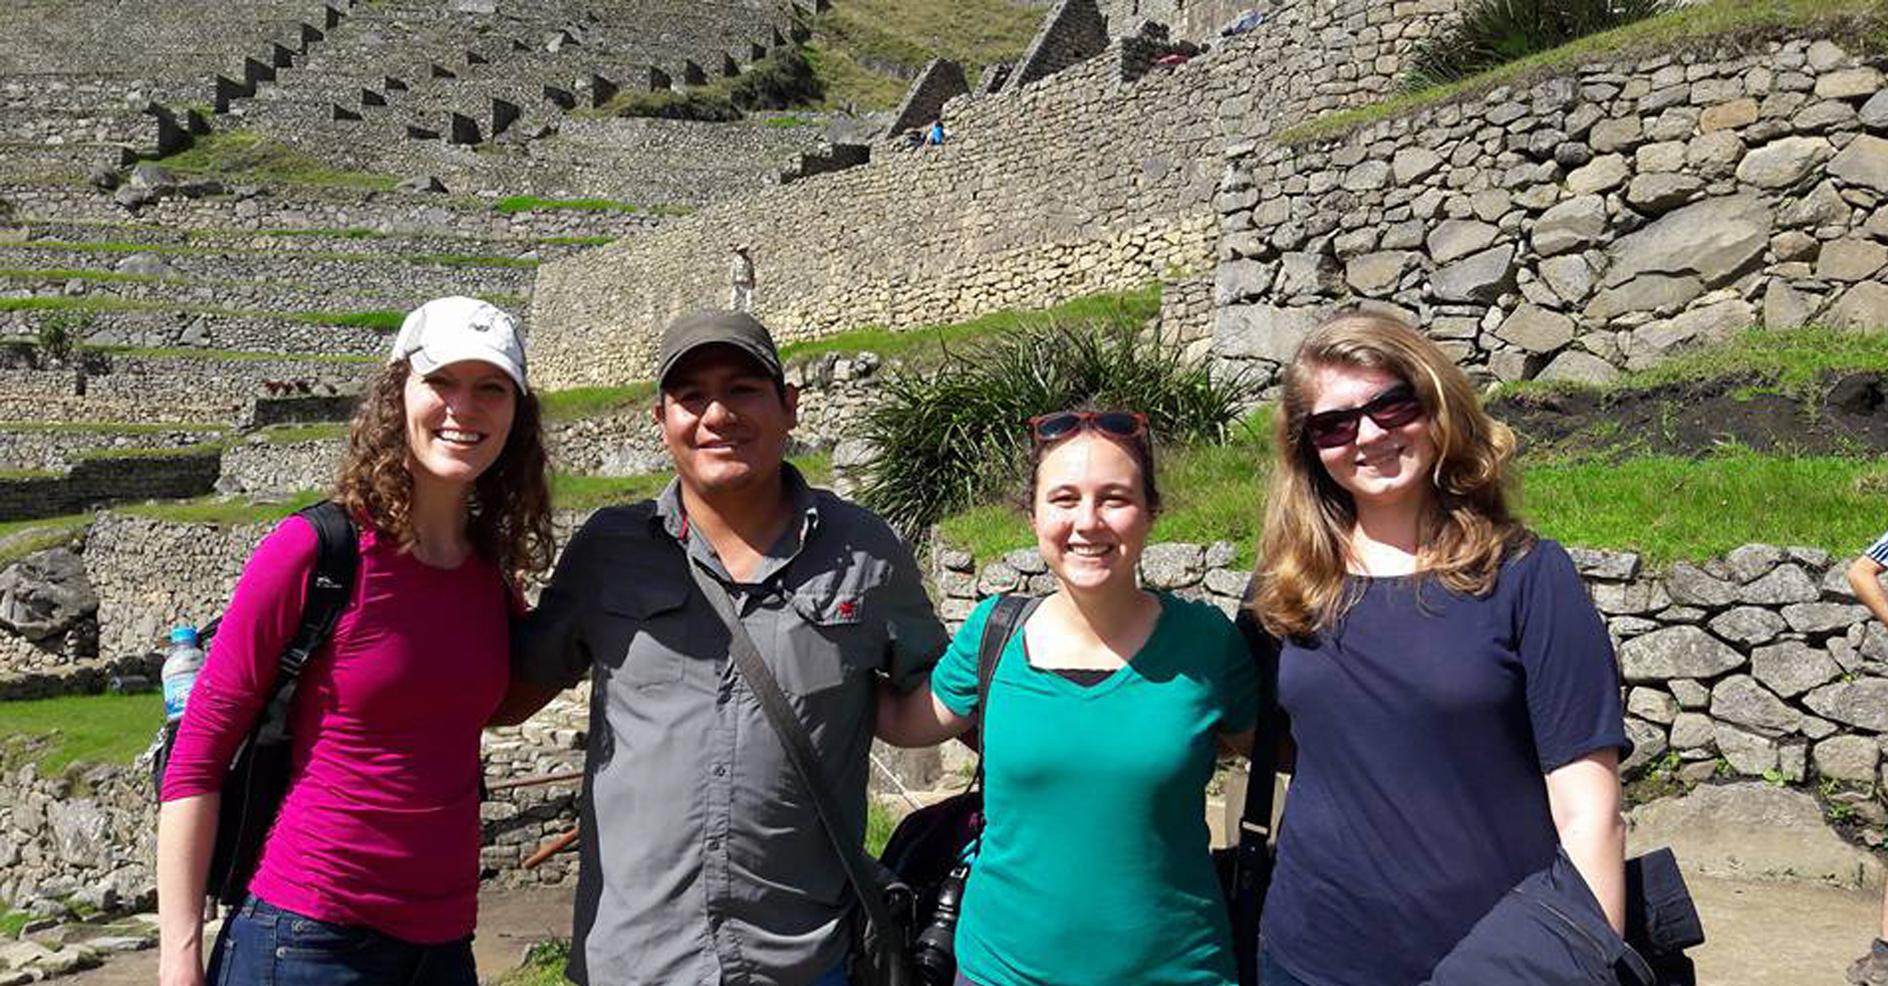 Tours Peru 1 to 30 Days Tours: Tour Lima, Machupicchu, Sacred Valley 6 dias. Los mejores paquetes turísticos en Perú y Sudamérica.